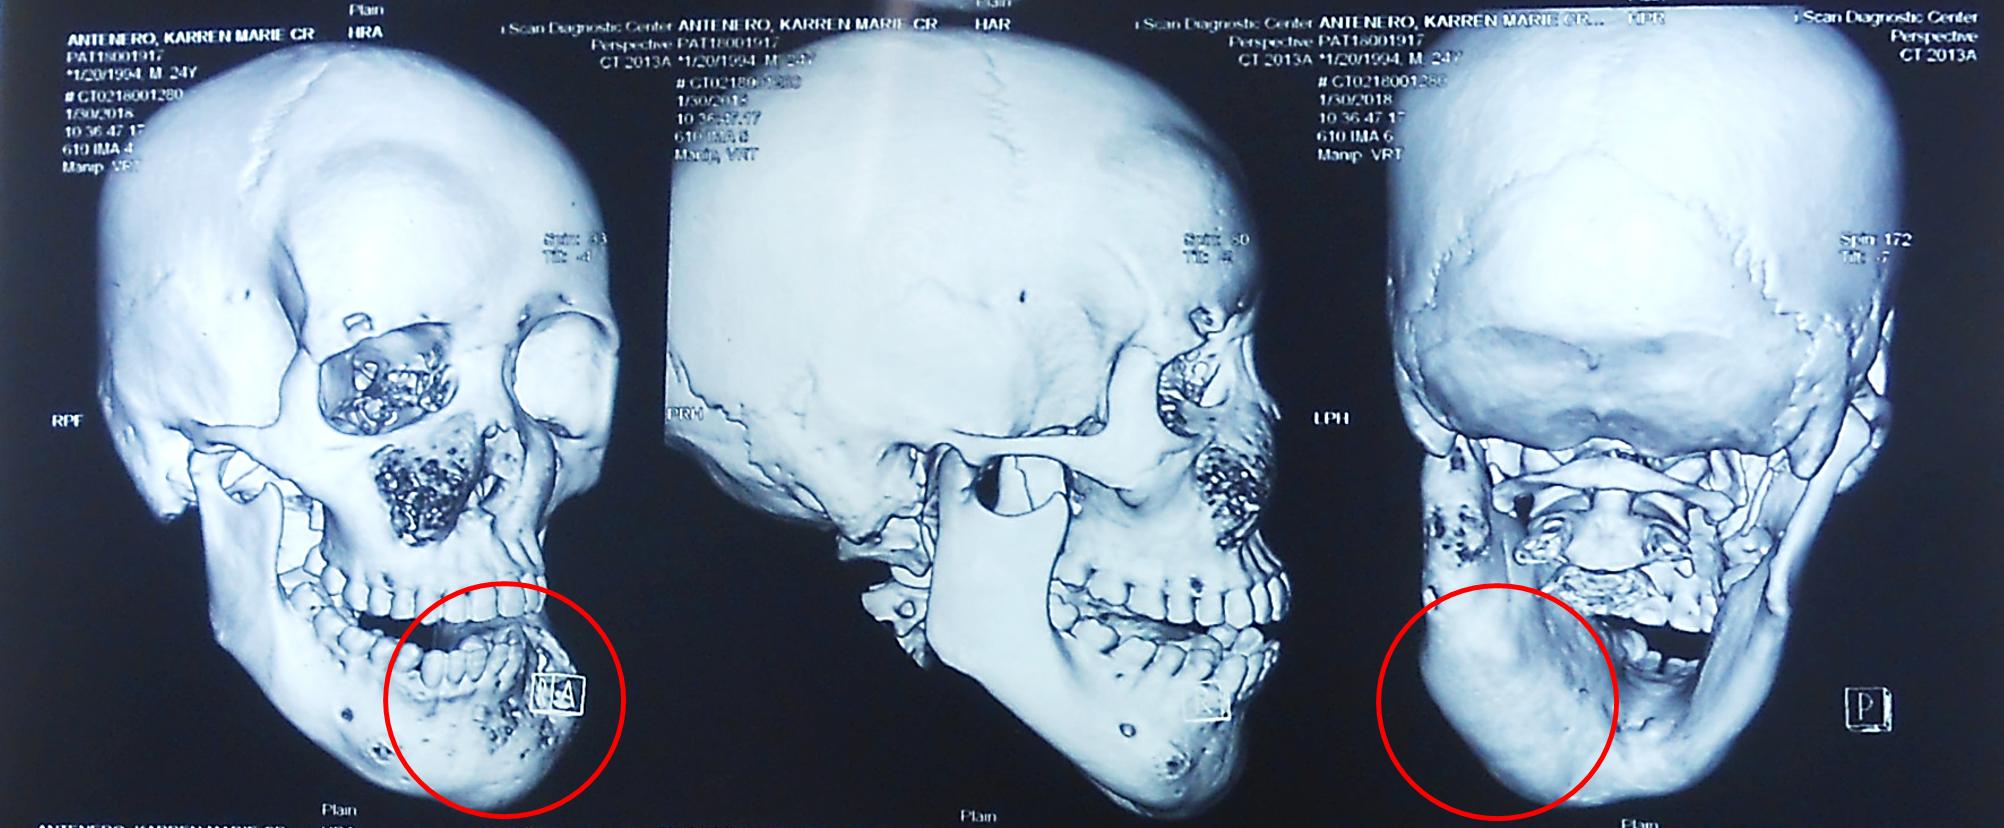 (術前電腦斷層掃描 明顯可看出病患左下顎骨腫瘤已腫脹變形)